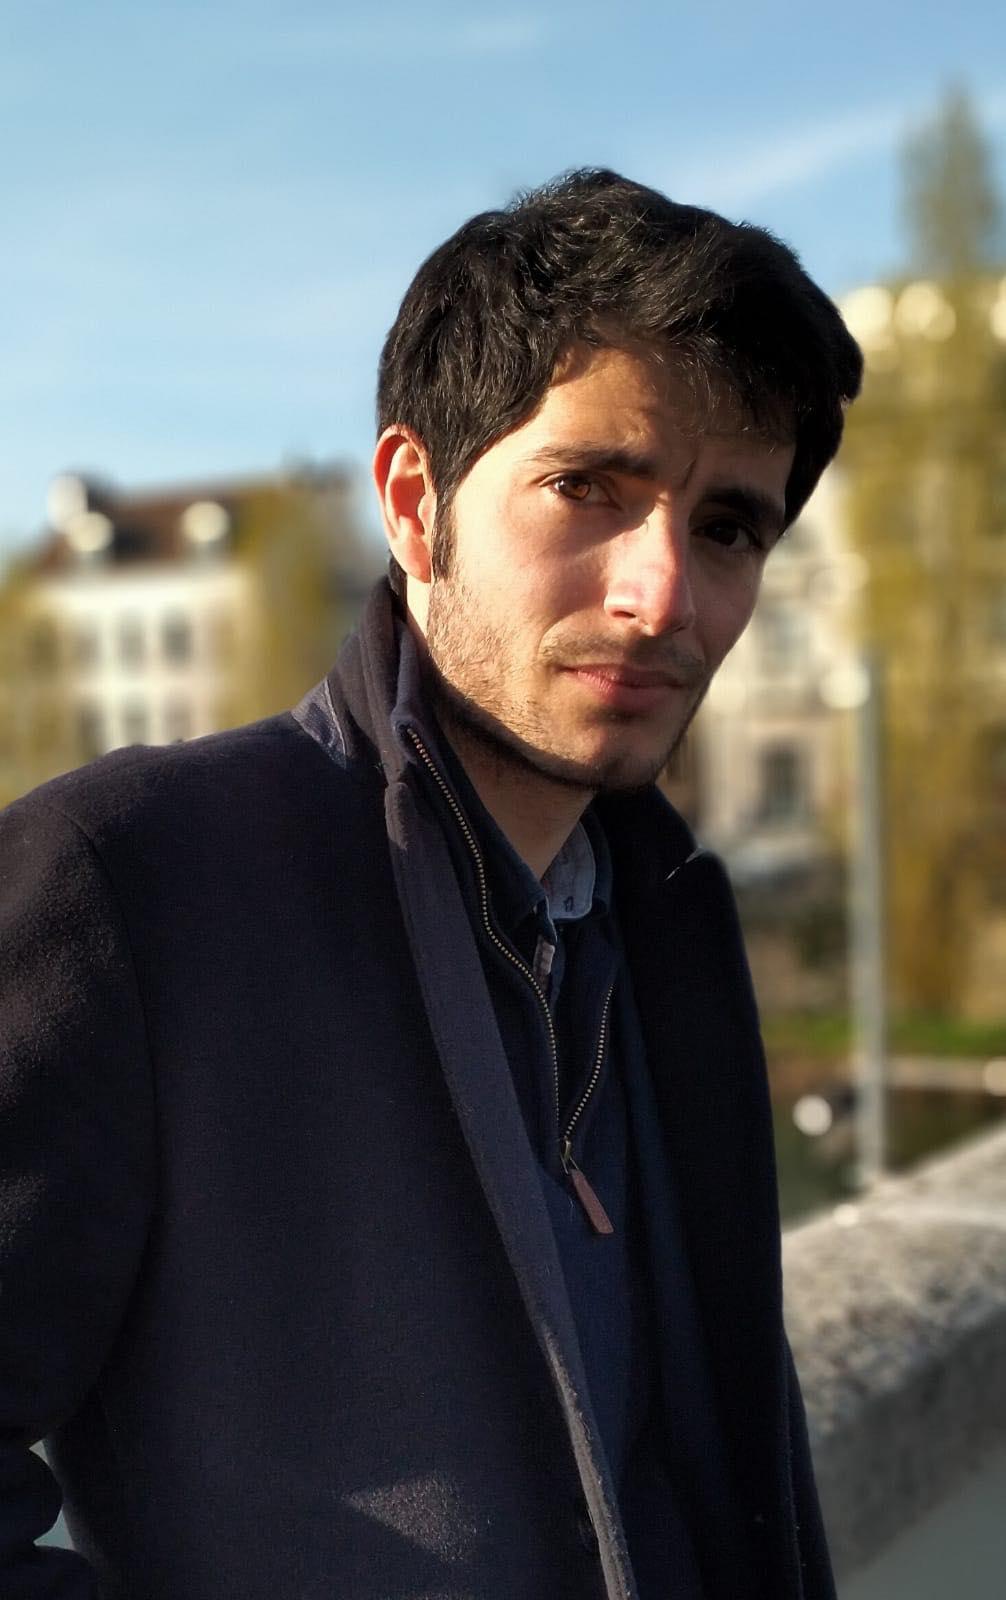 Dimitri Ayvadian